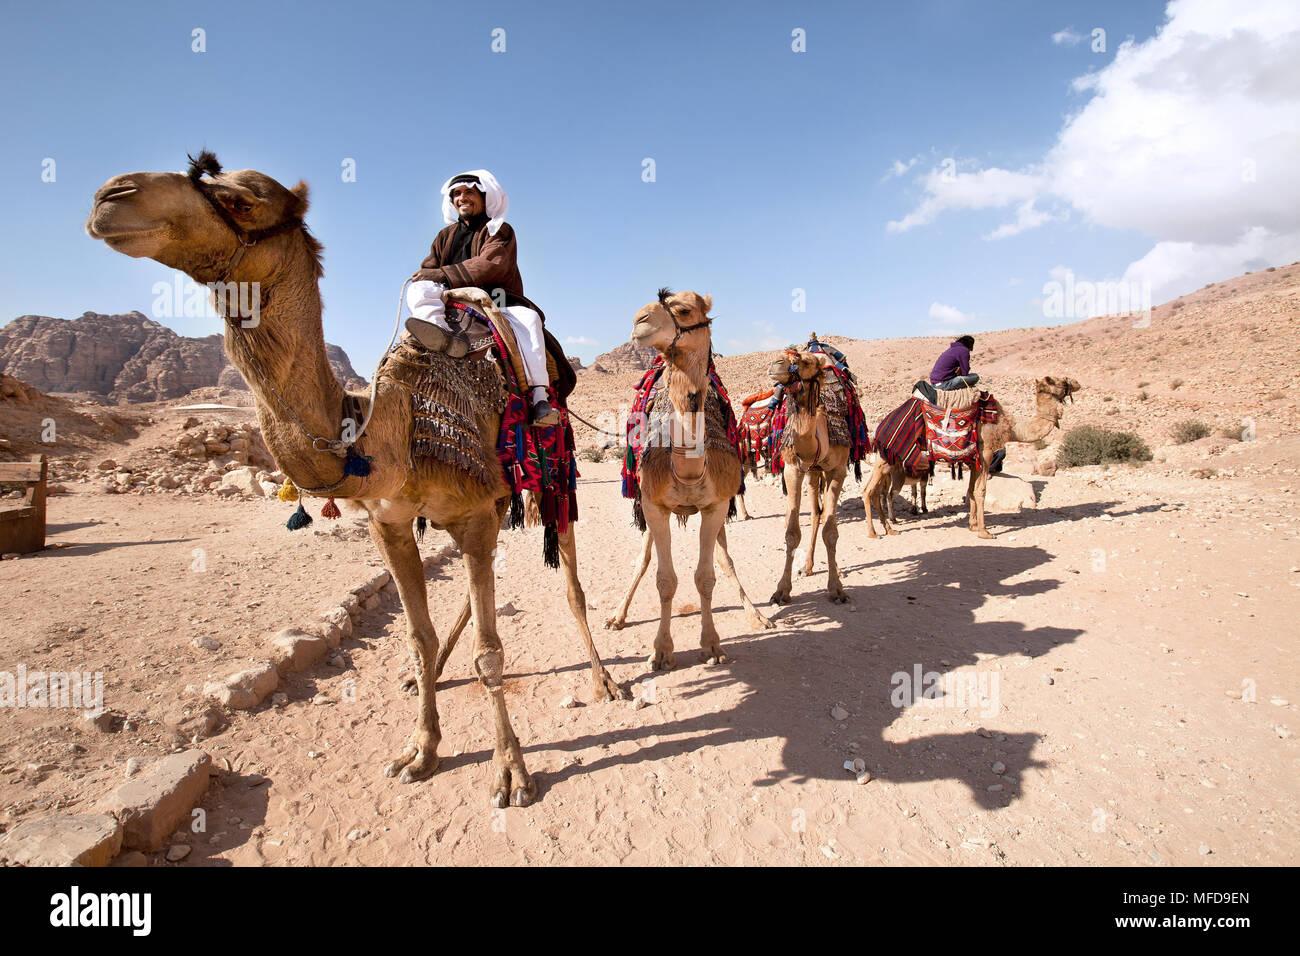 Porträt eines reichen Beduinen mit seinen Kamelen in der Wüste Stockbild